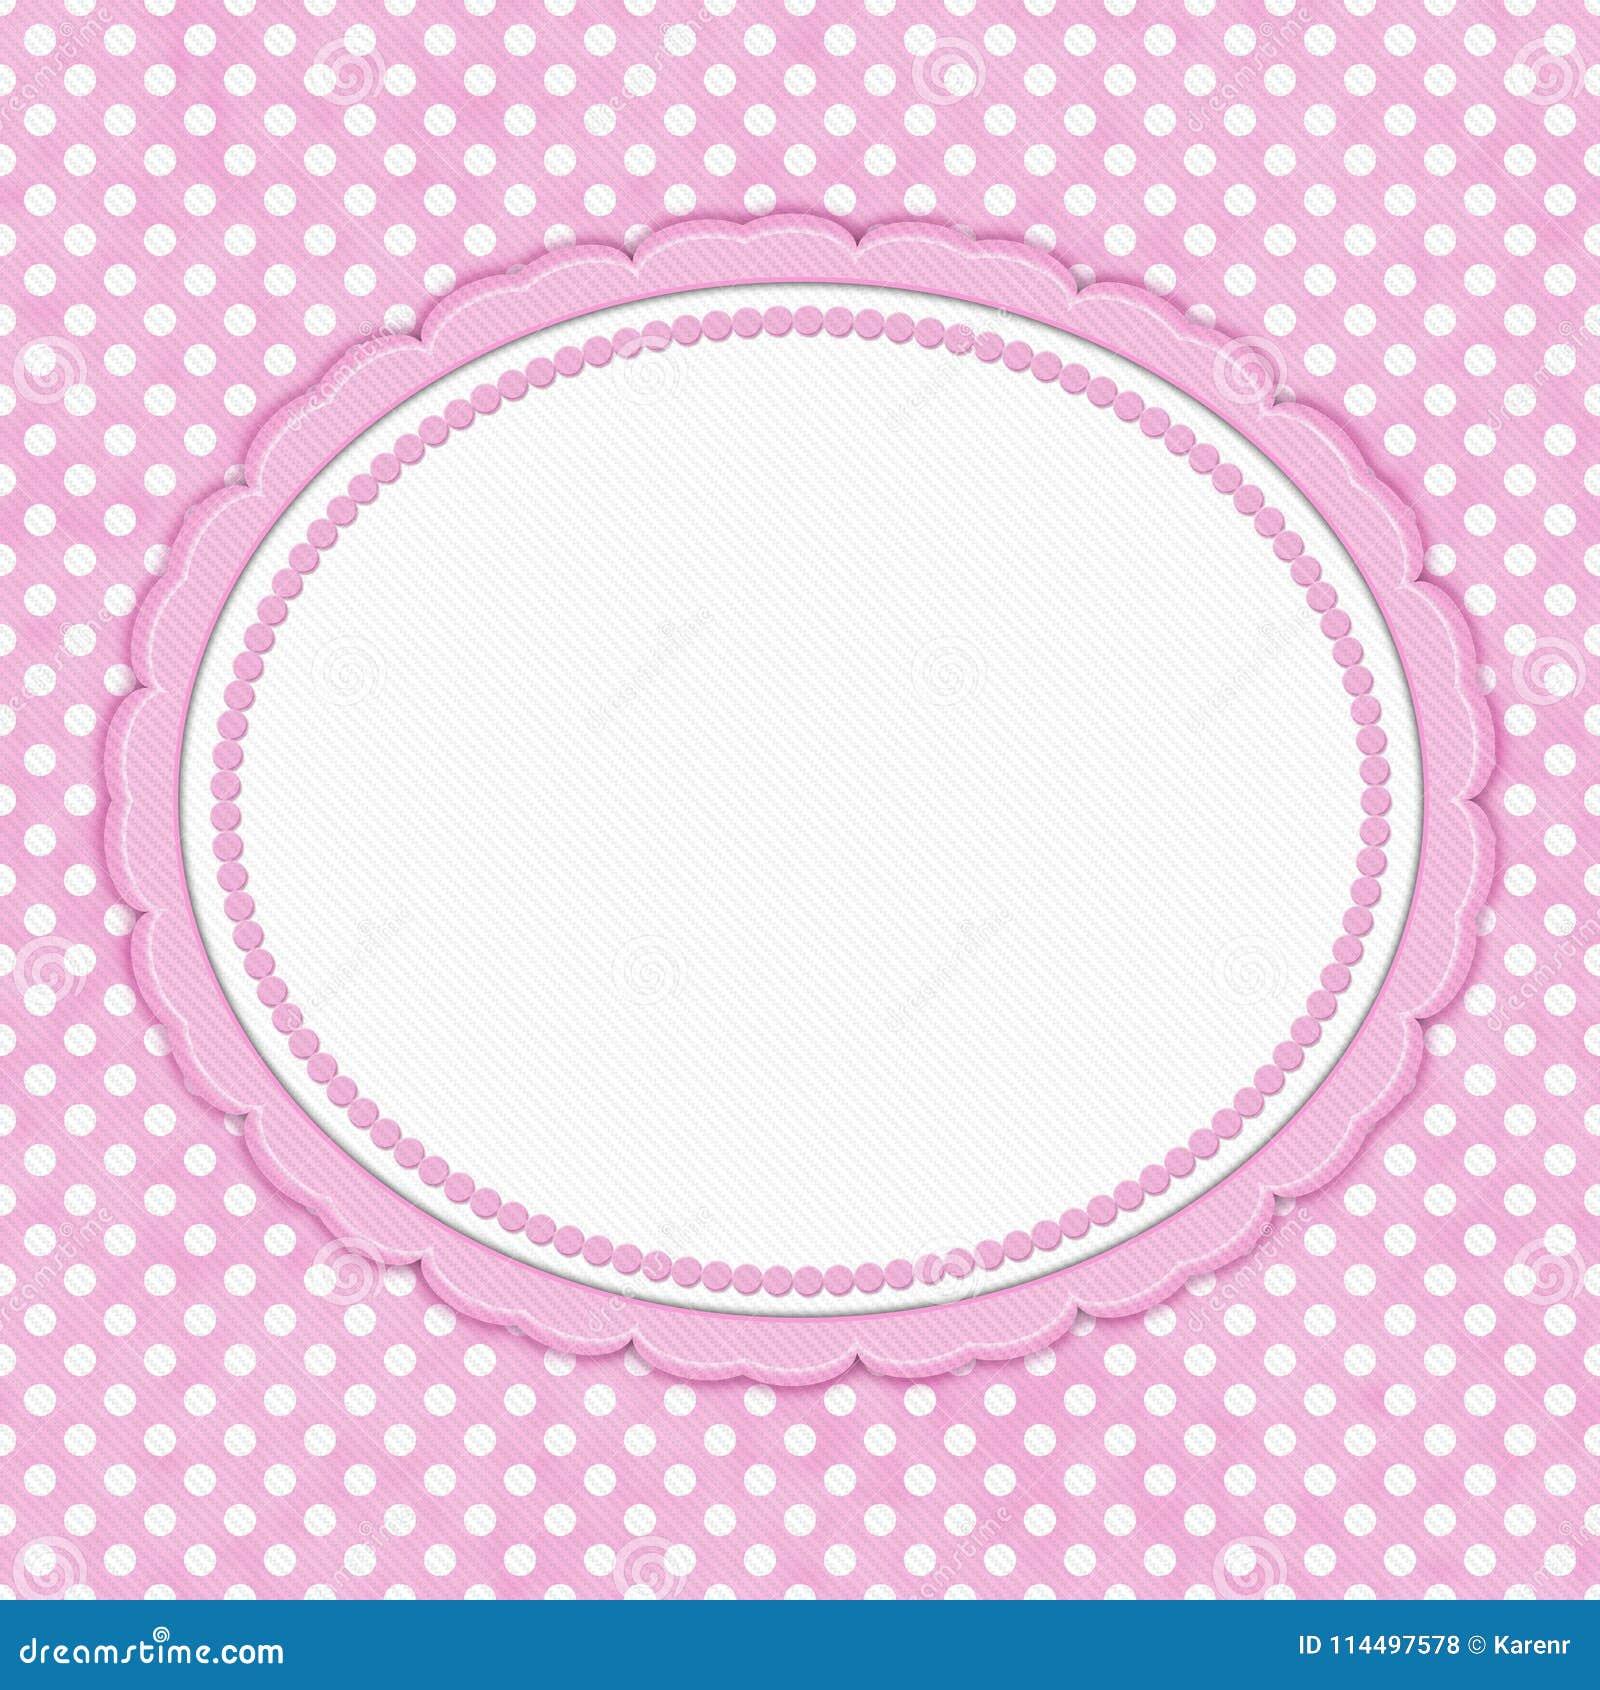 Confine Ovale Del Pois Rosa E Bianco Con Lo Spazio Della Copia